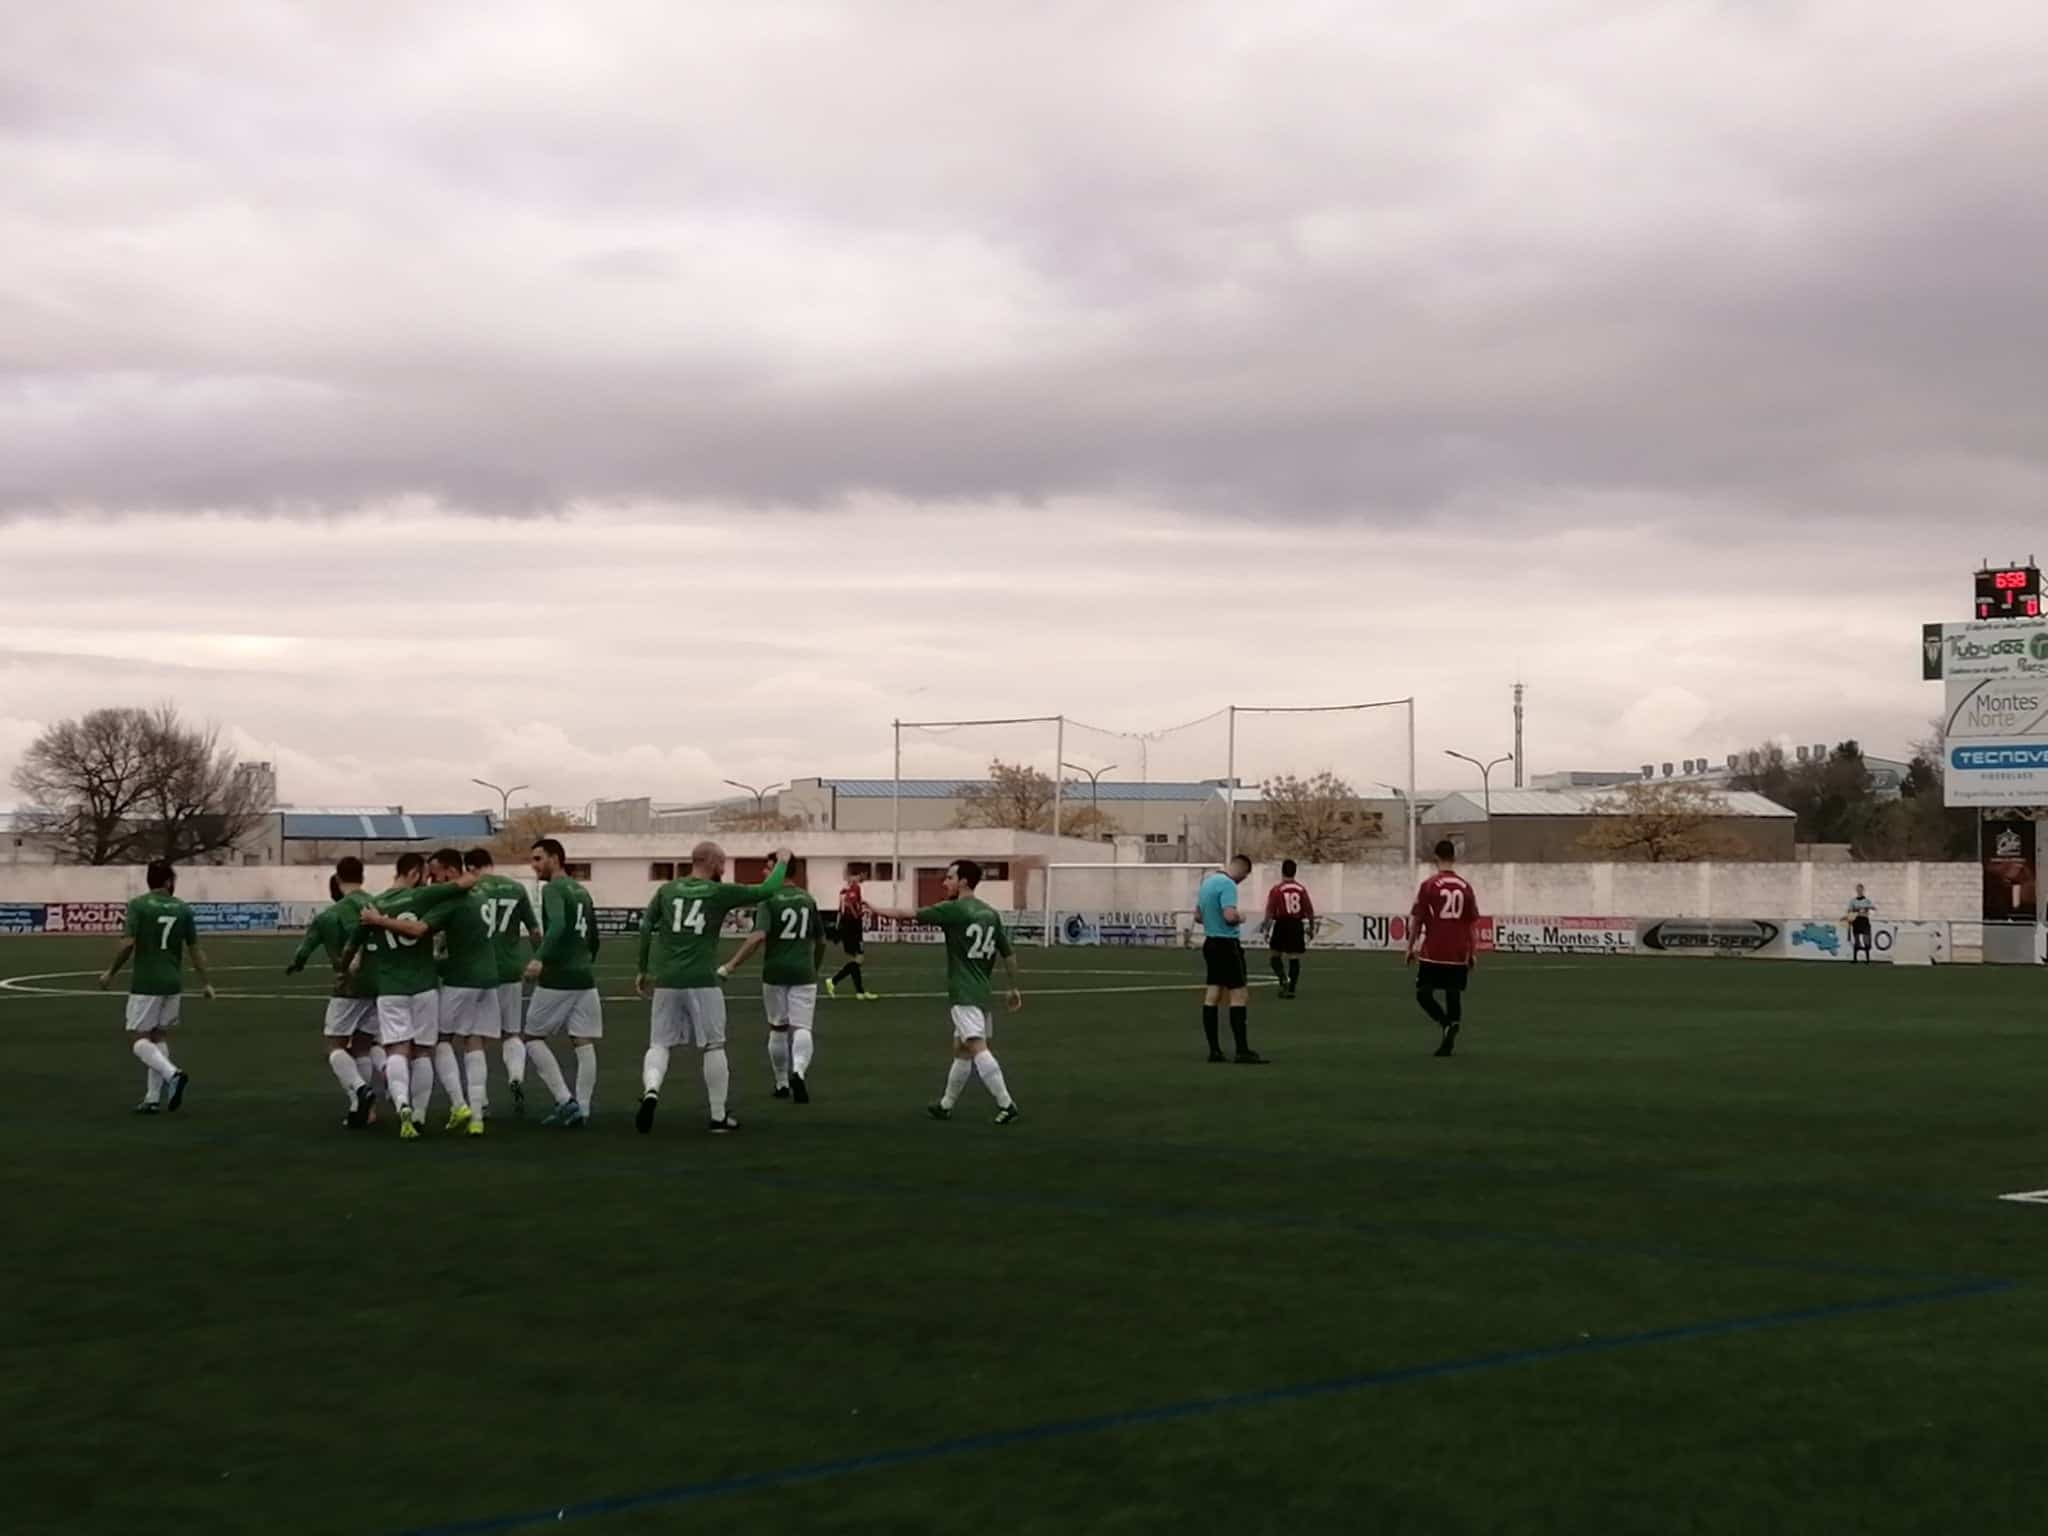 herencia cf cd piedrabuena - El Herencia C.F. supera al C.D. Piedrabuena 3-0 en un sábado redondo